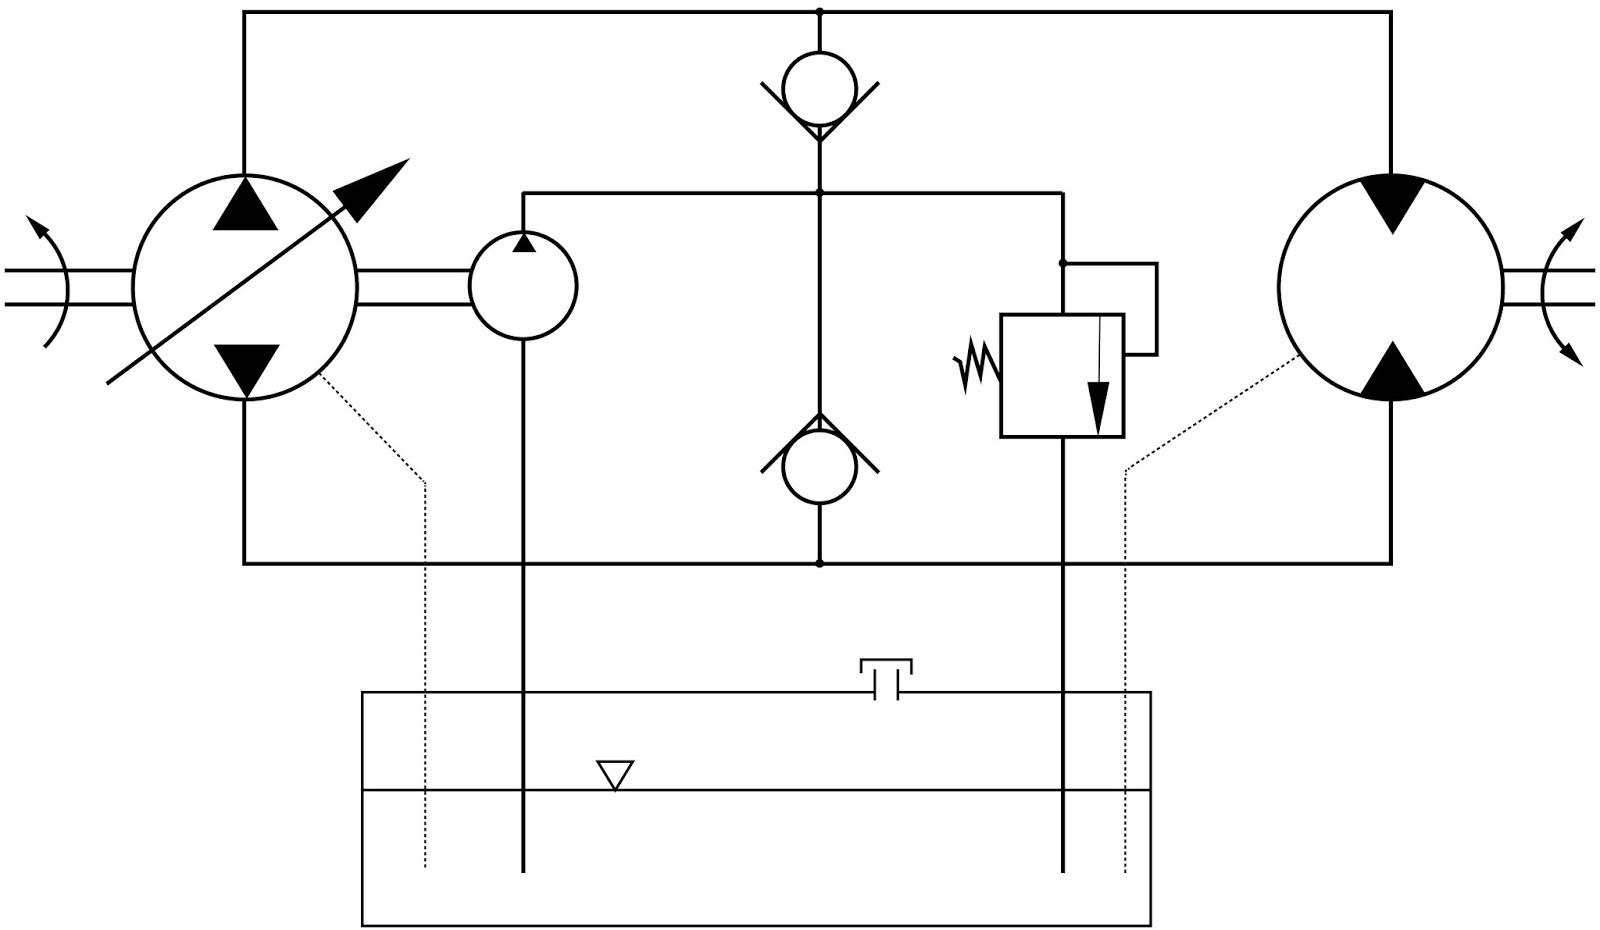 Flint Hydraulics Inc Output Power From A Hydraulic System